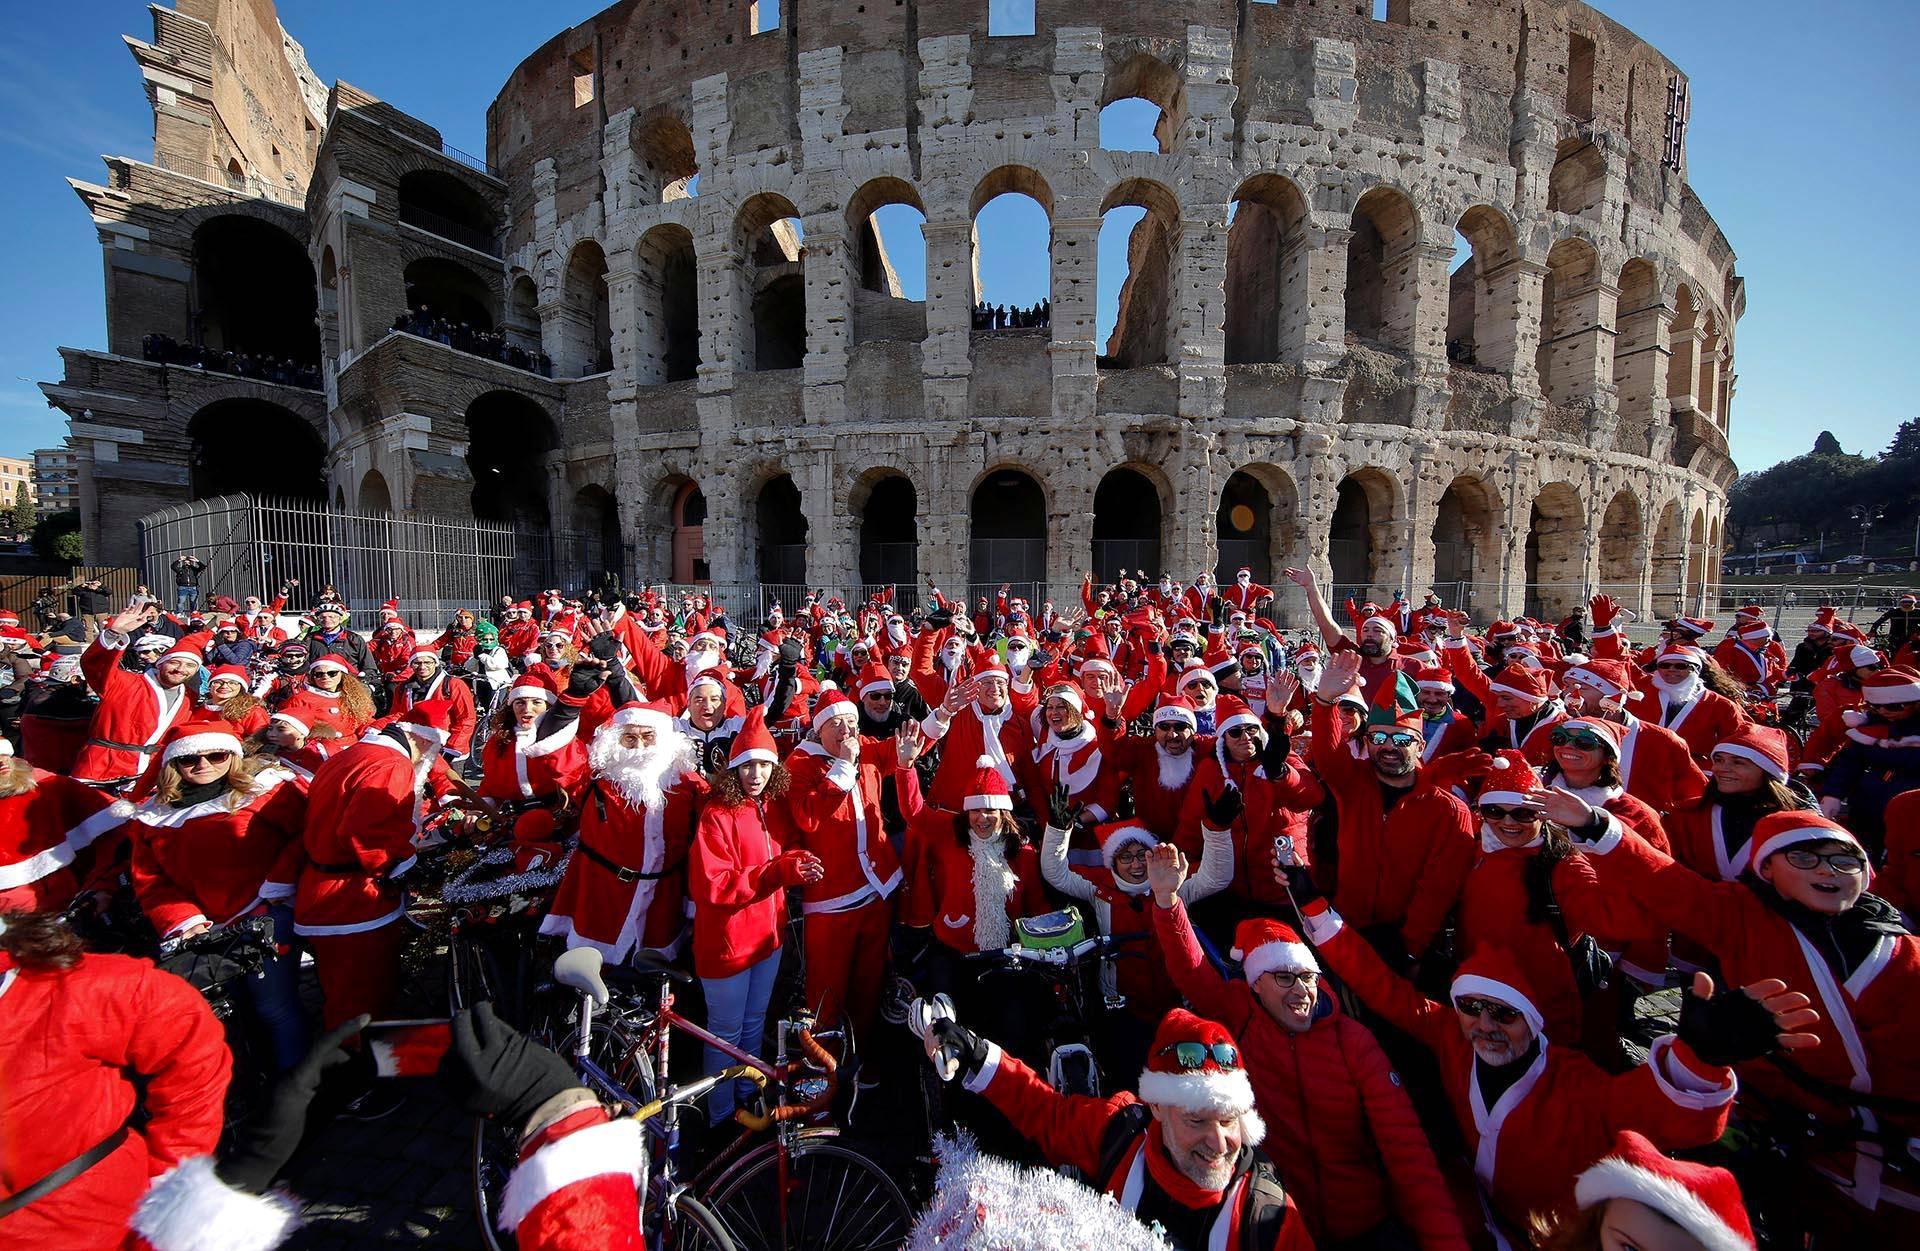 Polkupyöräilevät pukit ja tontut kokoontuivat Roomassa Colosseumin kupeelle.